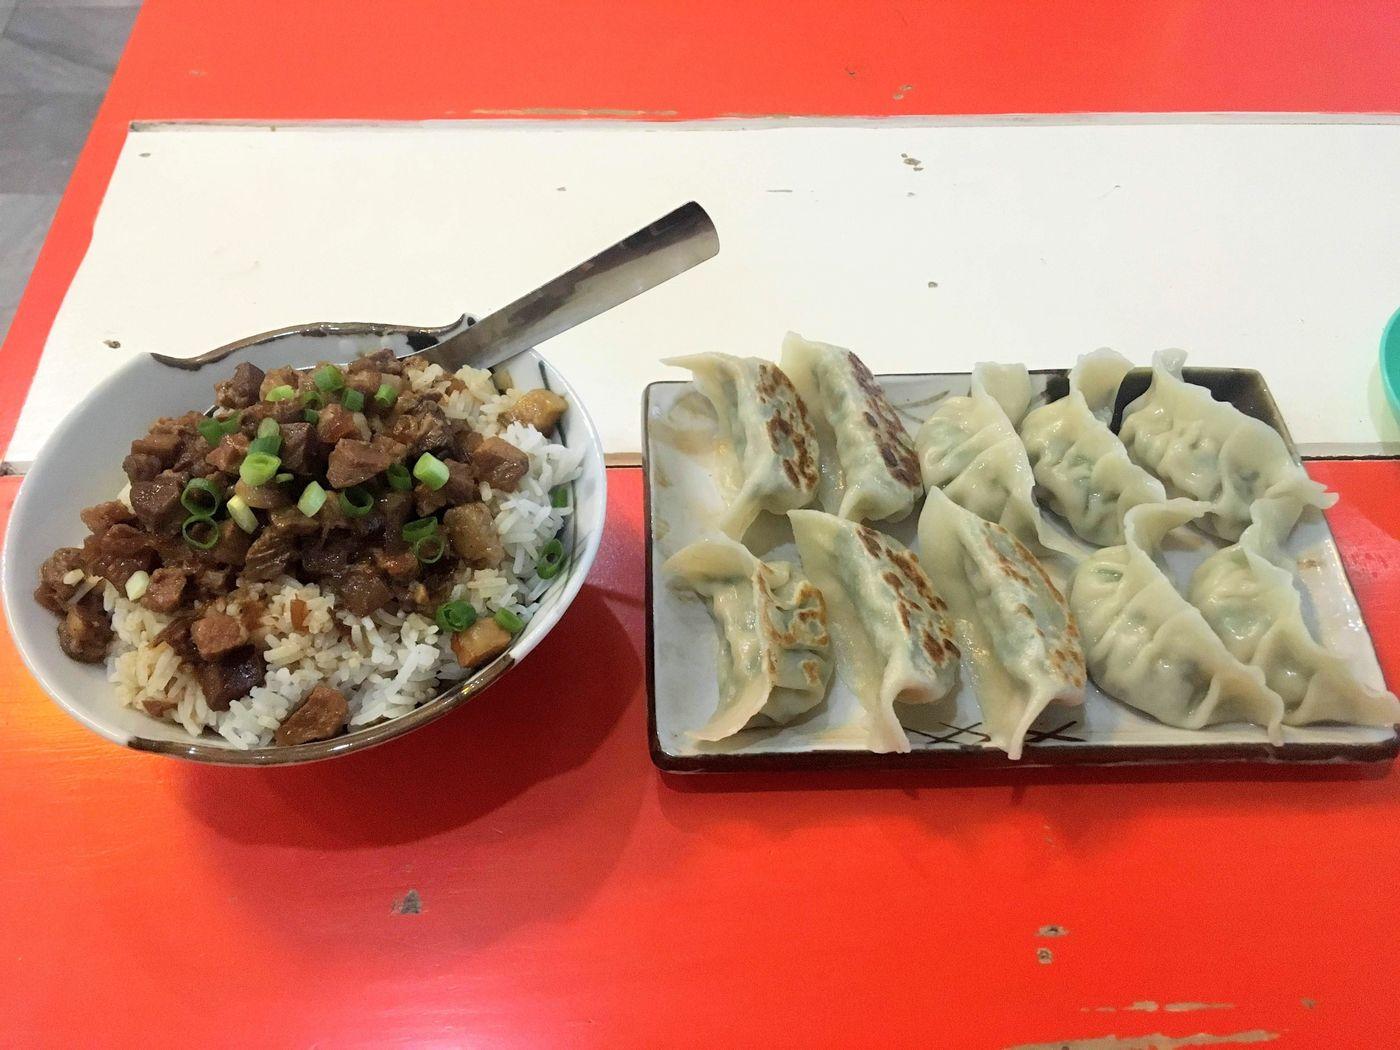 【タイ】チェンマイでリーズナブルに本格餃子が食べられるお店「金餃」!の画像